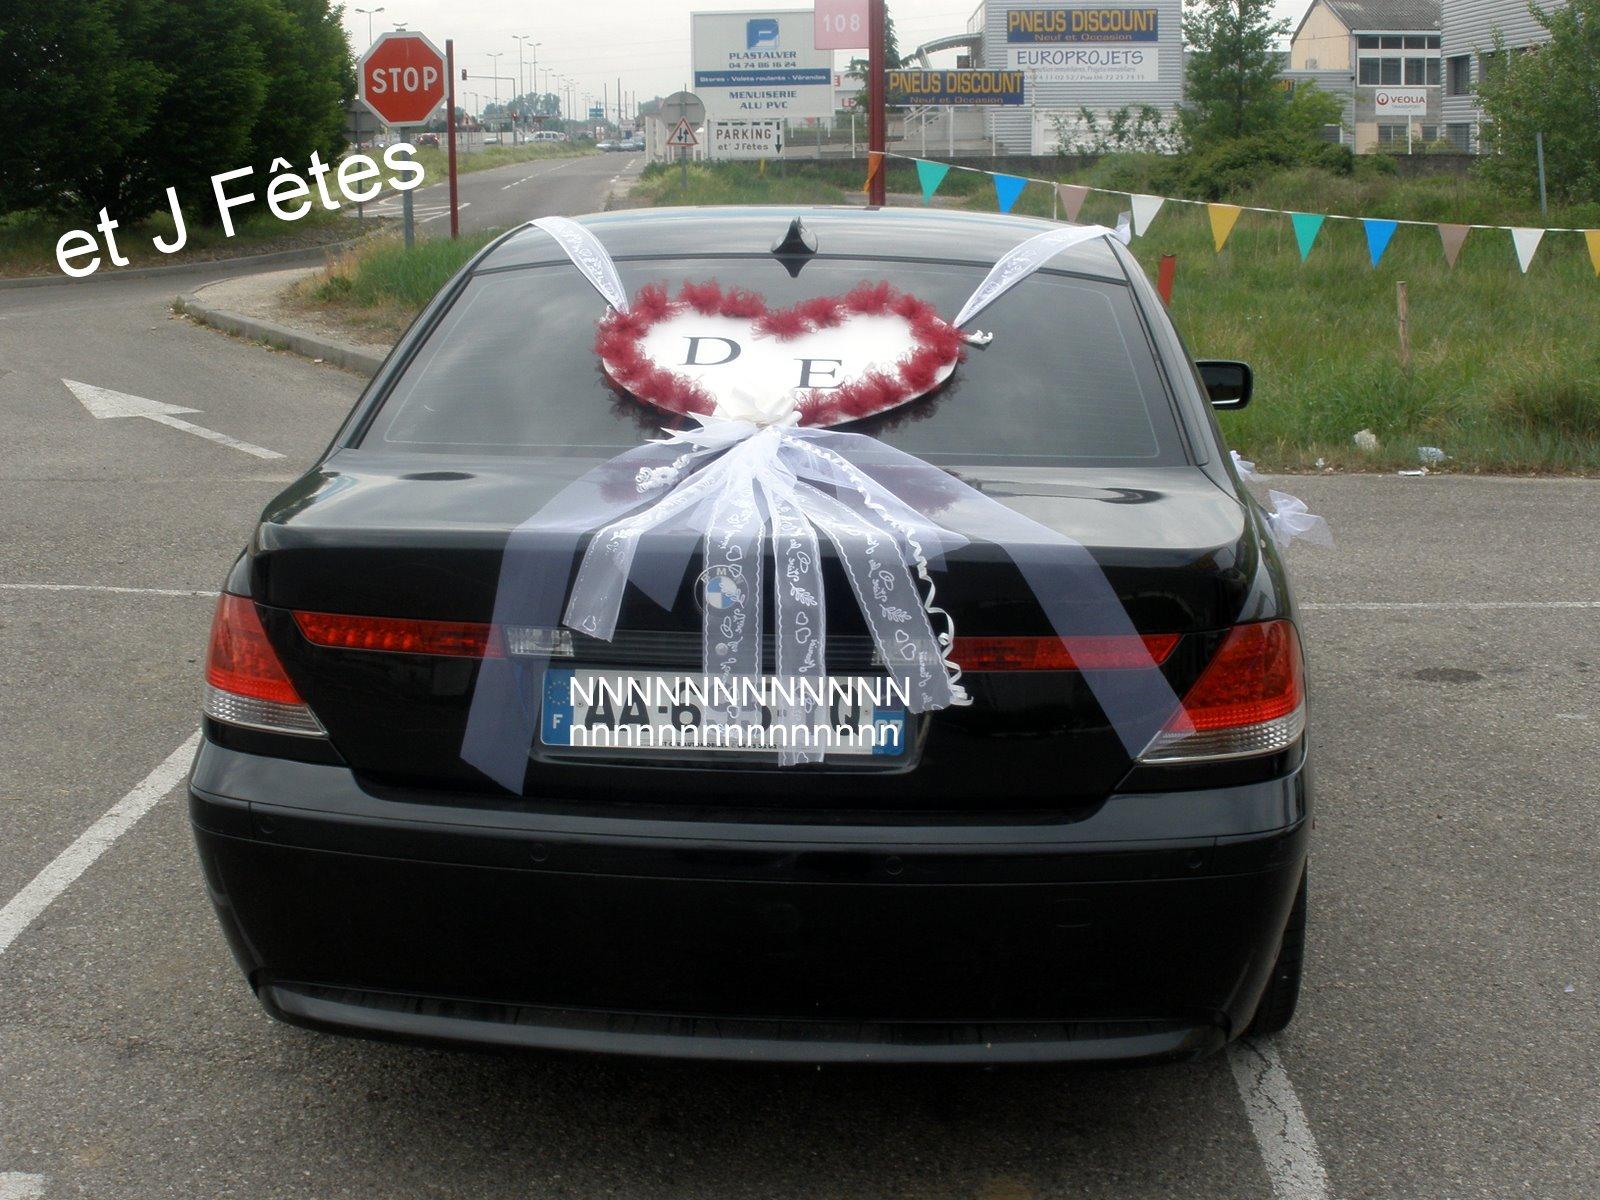 D coration voiture mariage - Decoration voiture marie ...